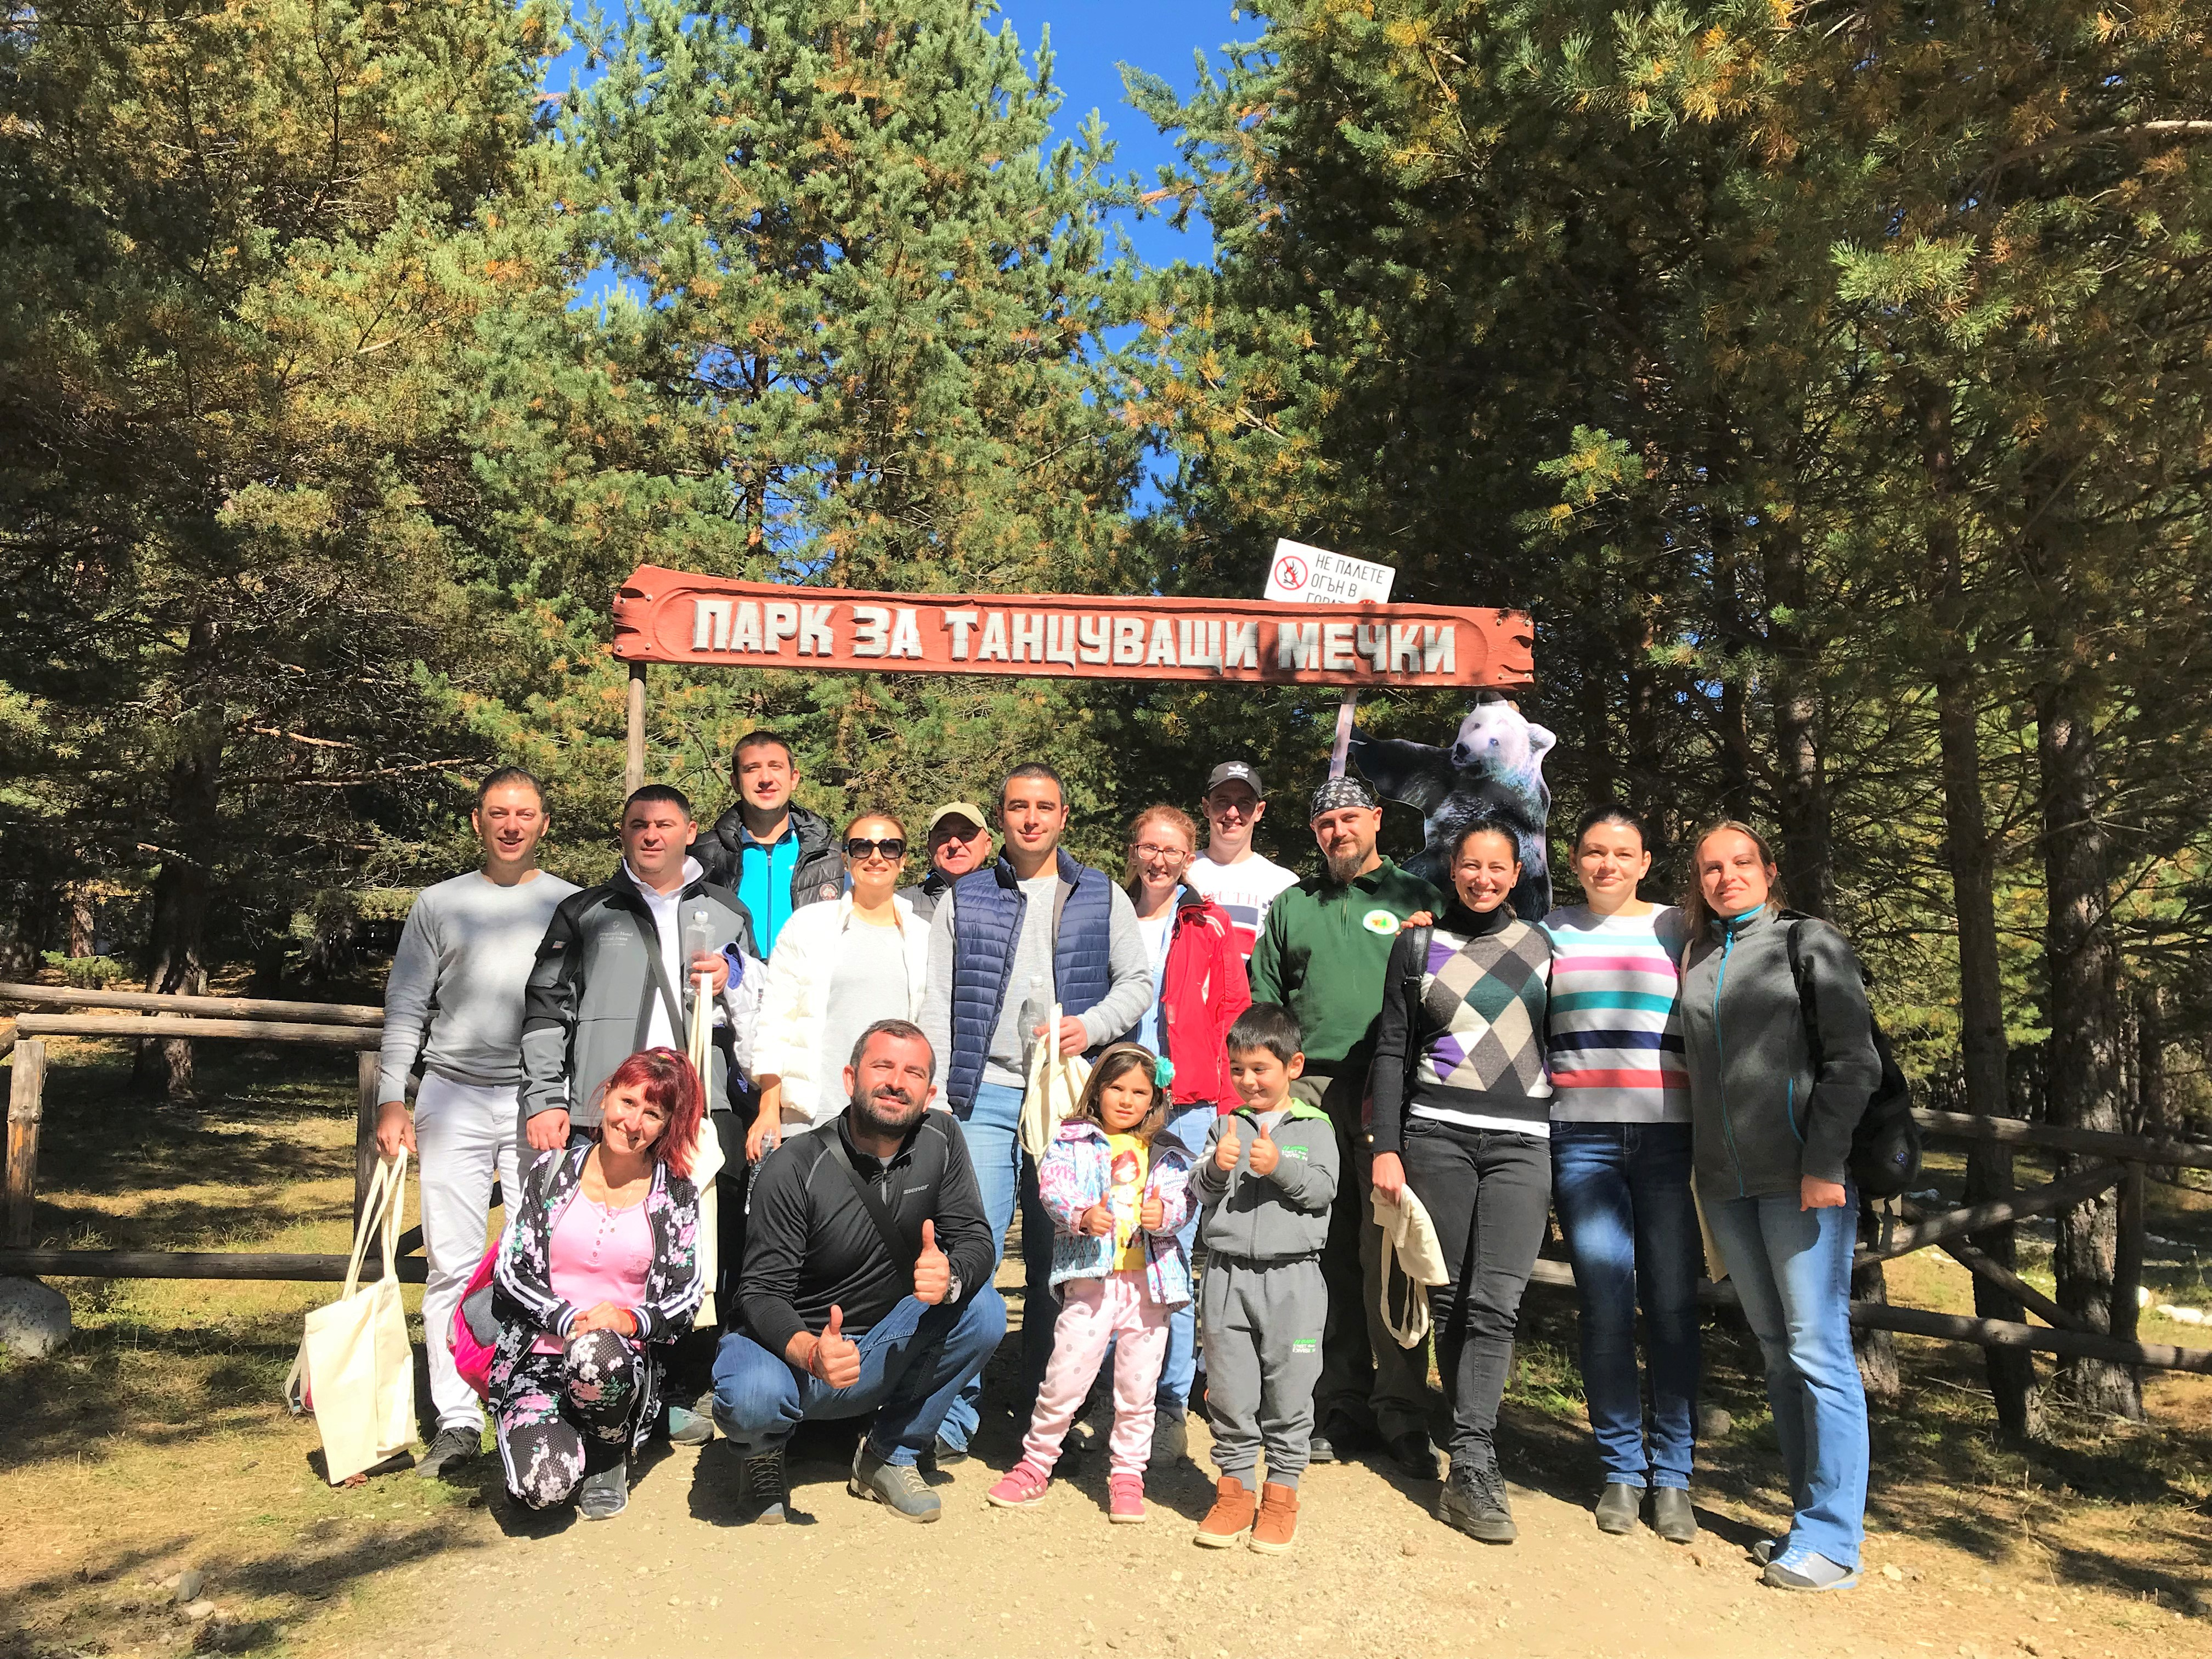 Dancing Bears Park visit